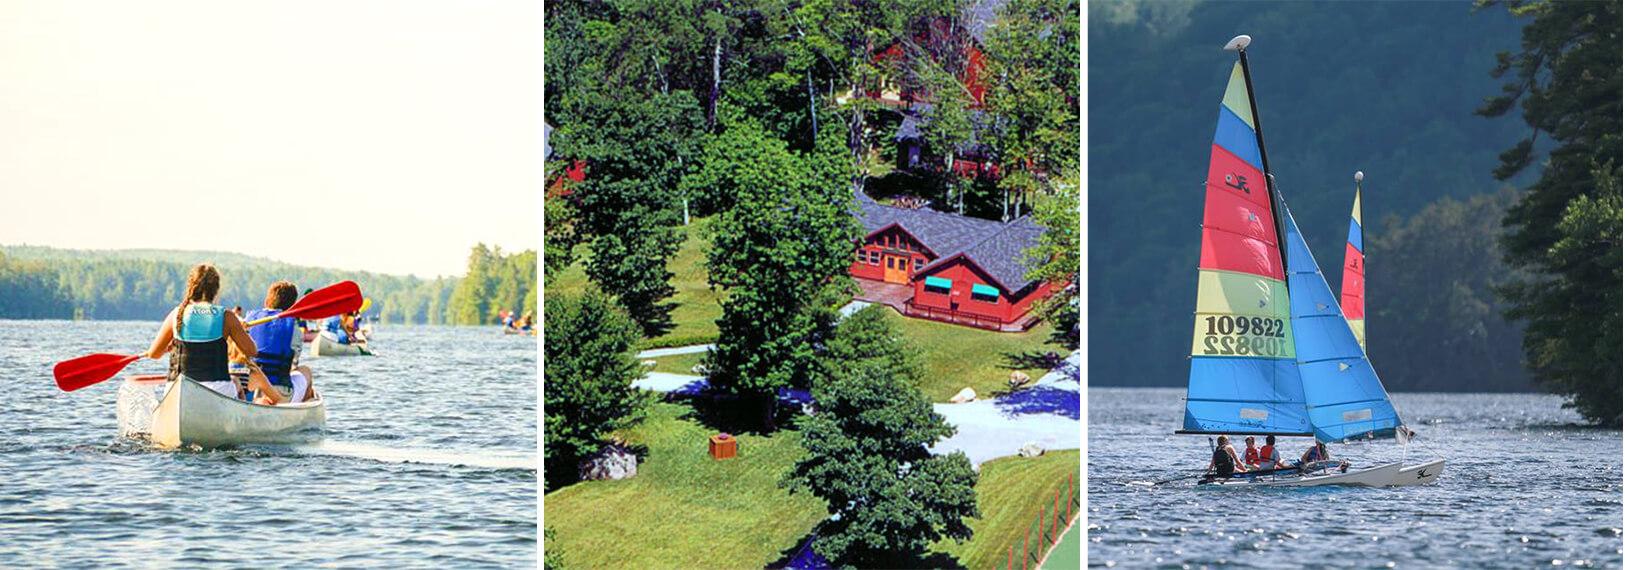 Camp Laurel - Mount Vernon, Maine